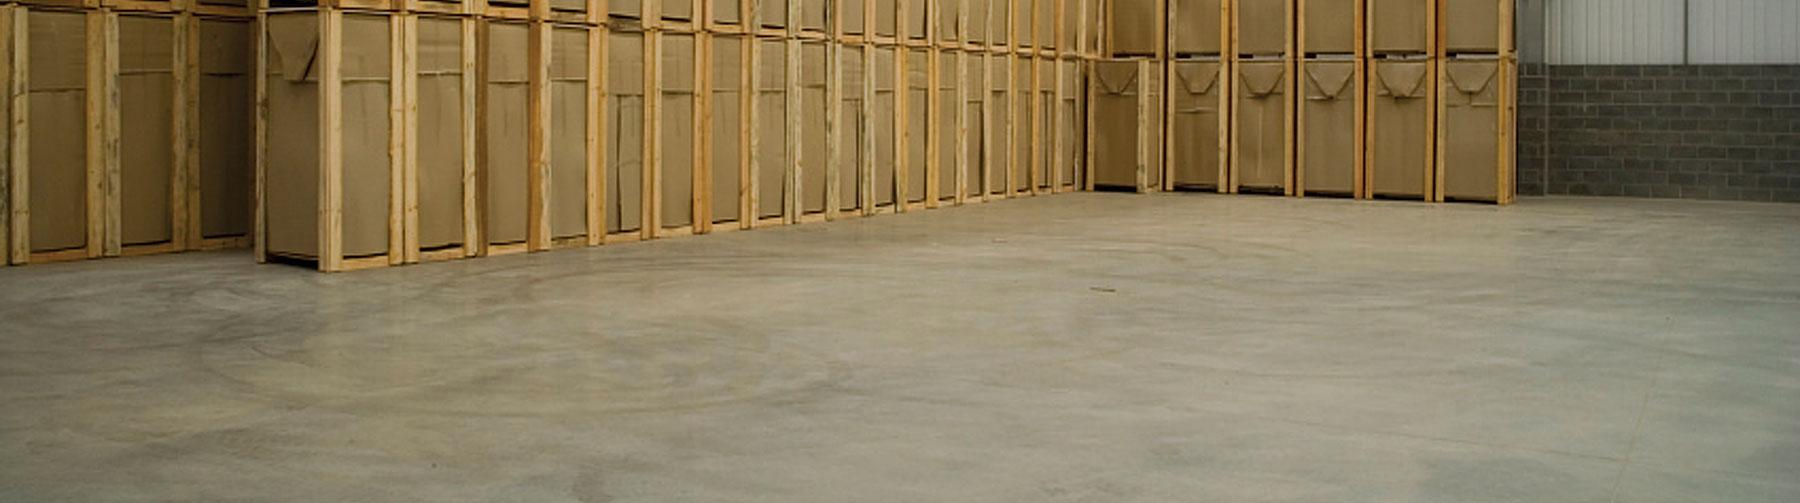 convergent group - pentra sil CN - treatments - concrete - floor